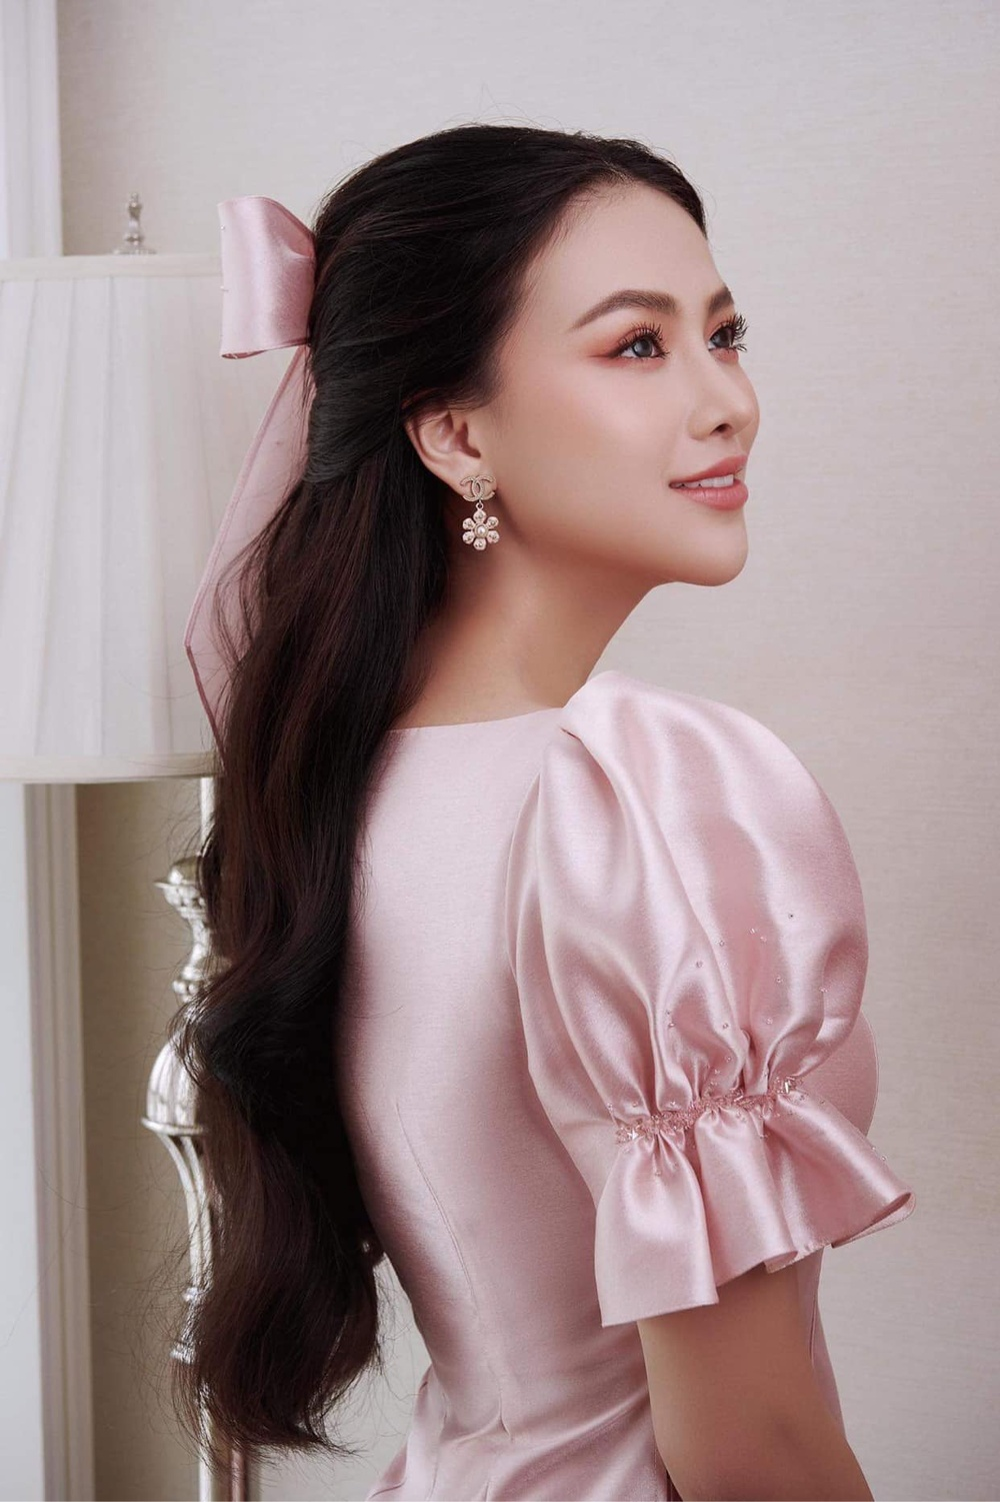 Hoa hậu Phương Khánh: 'Khánh Vân ấm áp và rất can đảm, cô ấy sẽ tiến rất xa tại Miss Universe' Ảnh 3